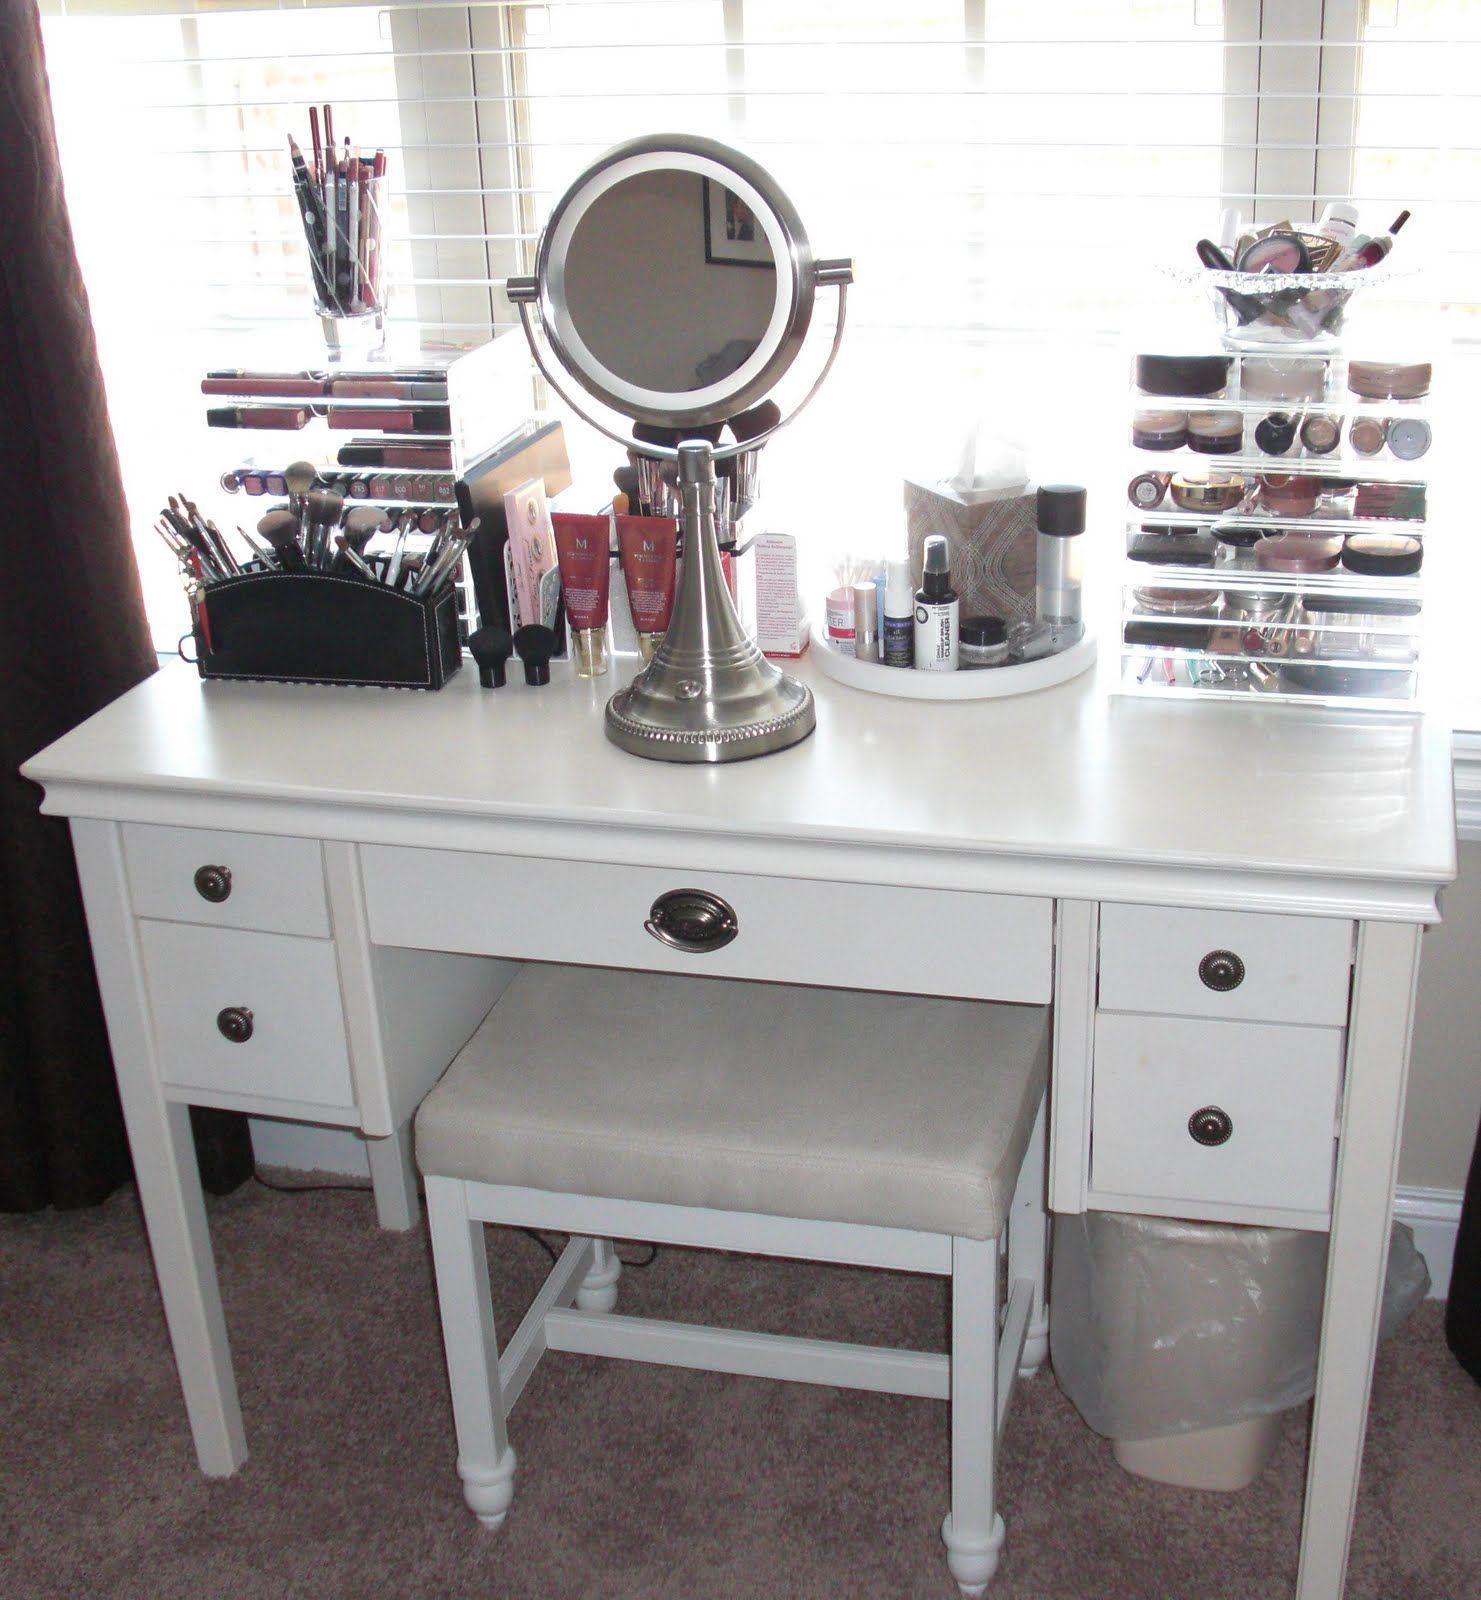 10 Extraordinary Makeup Vanity For Bedroom Photograph Ideas Vanity Set Up Small Bedroom Vanity White Makeup Vanity